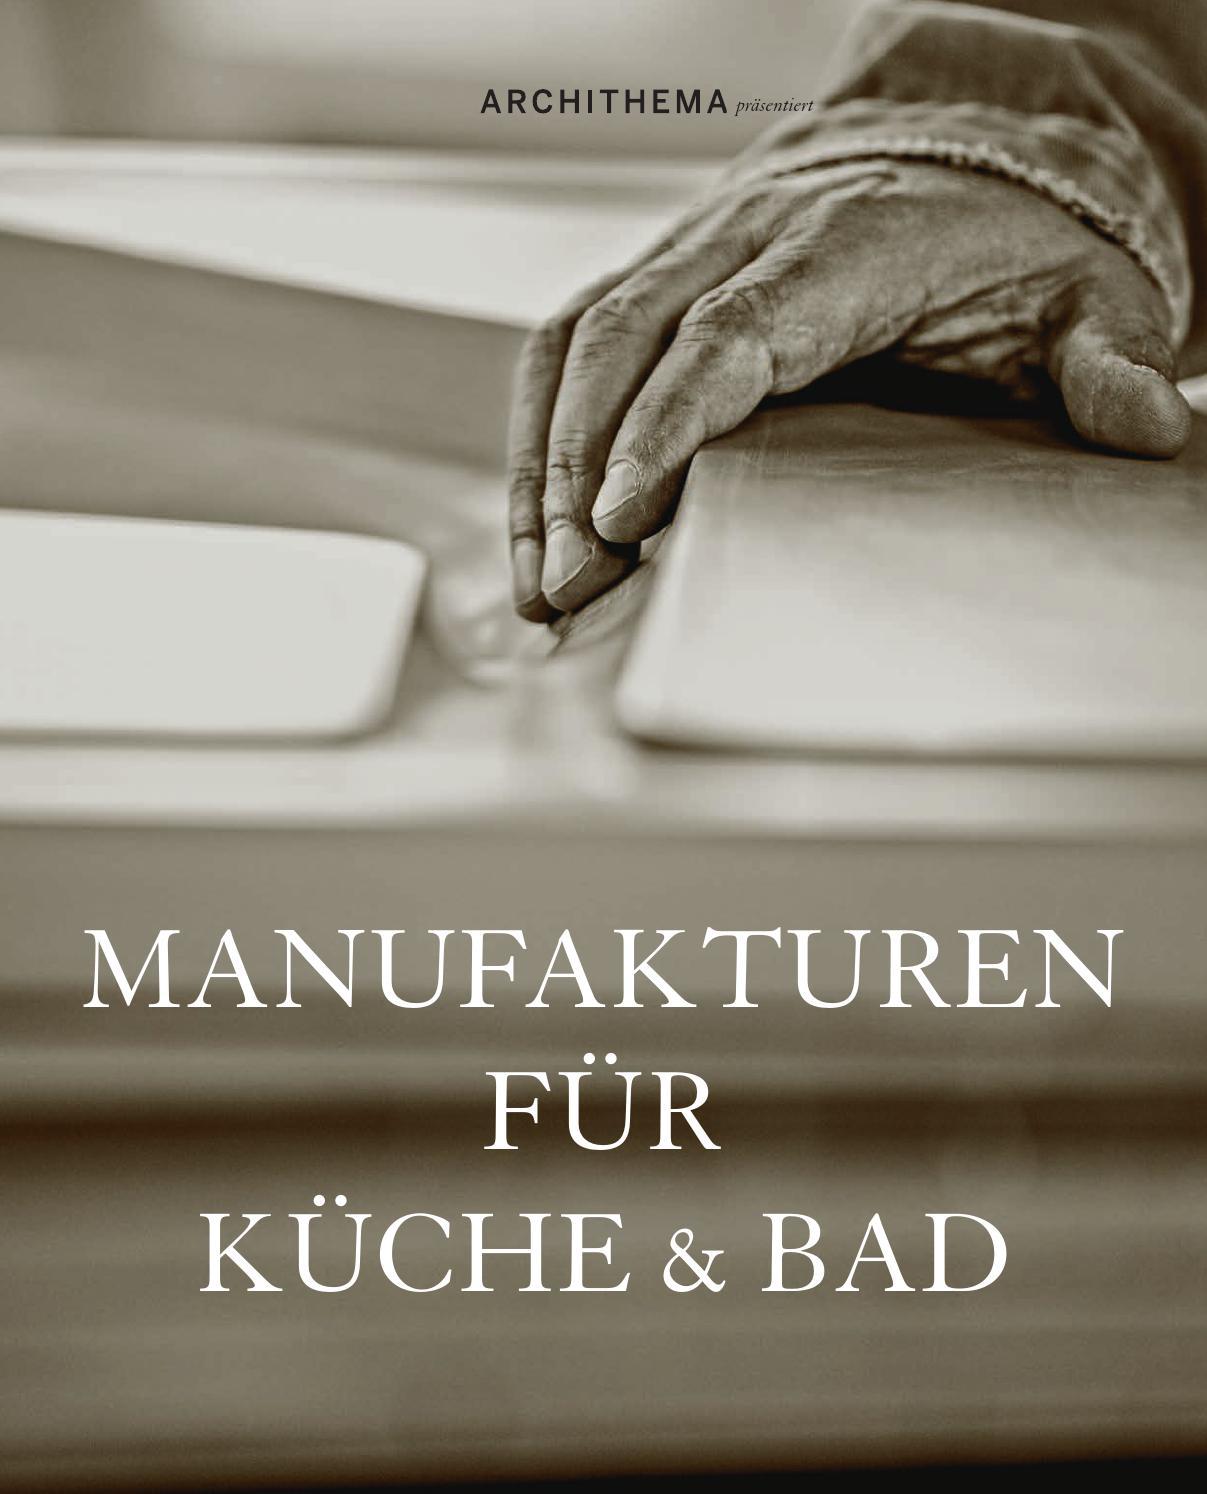 Manufakturen für Küche & Bad 2014 by Archithema Verlag - issuu